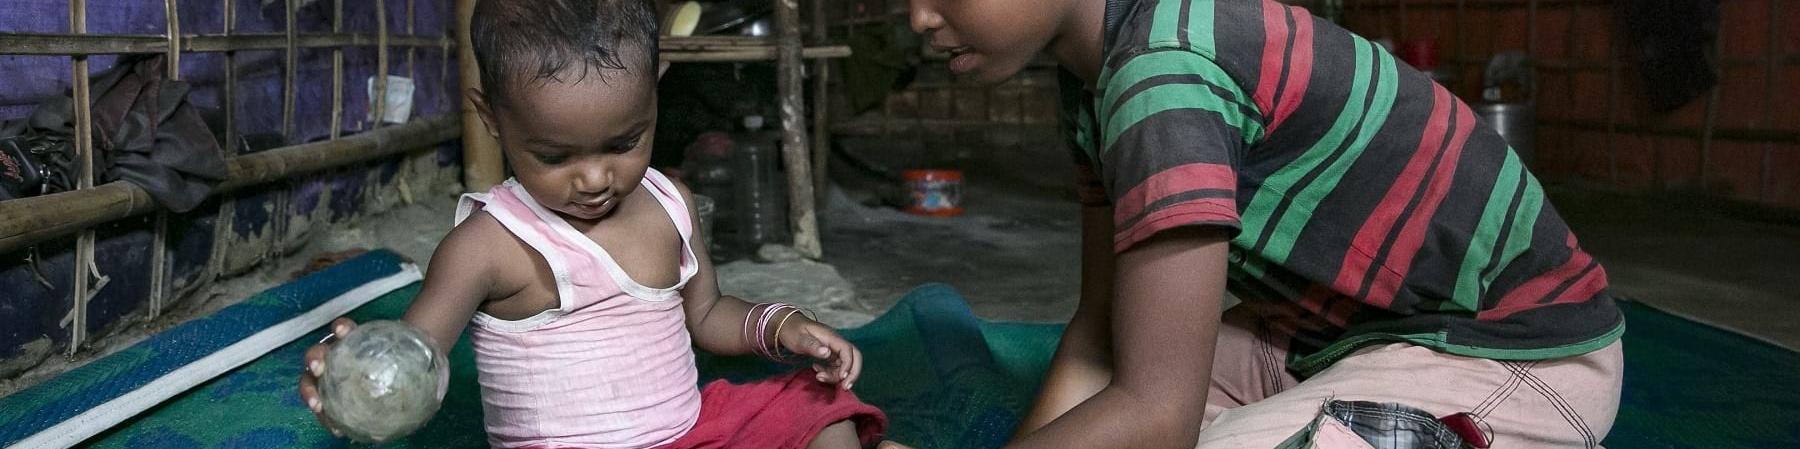 Un bambino di circa sei anni gioca seduto a terra su un tappeto verde con un bambino di circa un anno. Entrambi sono del Myanmar.